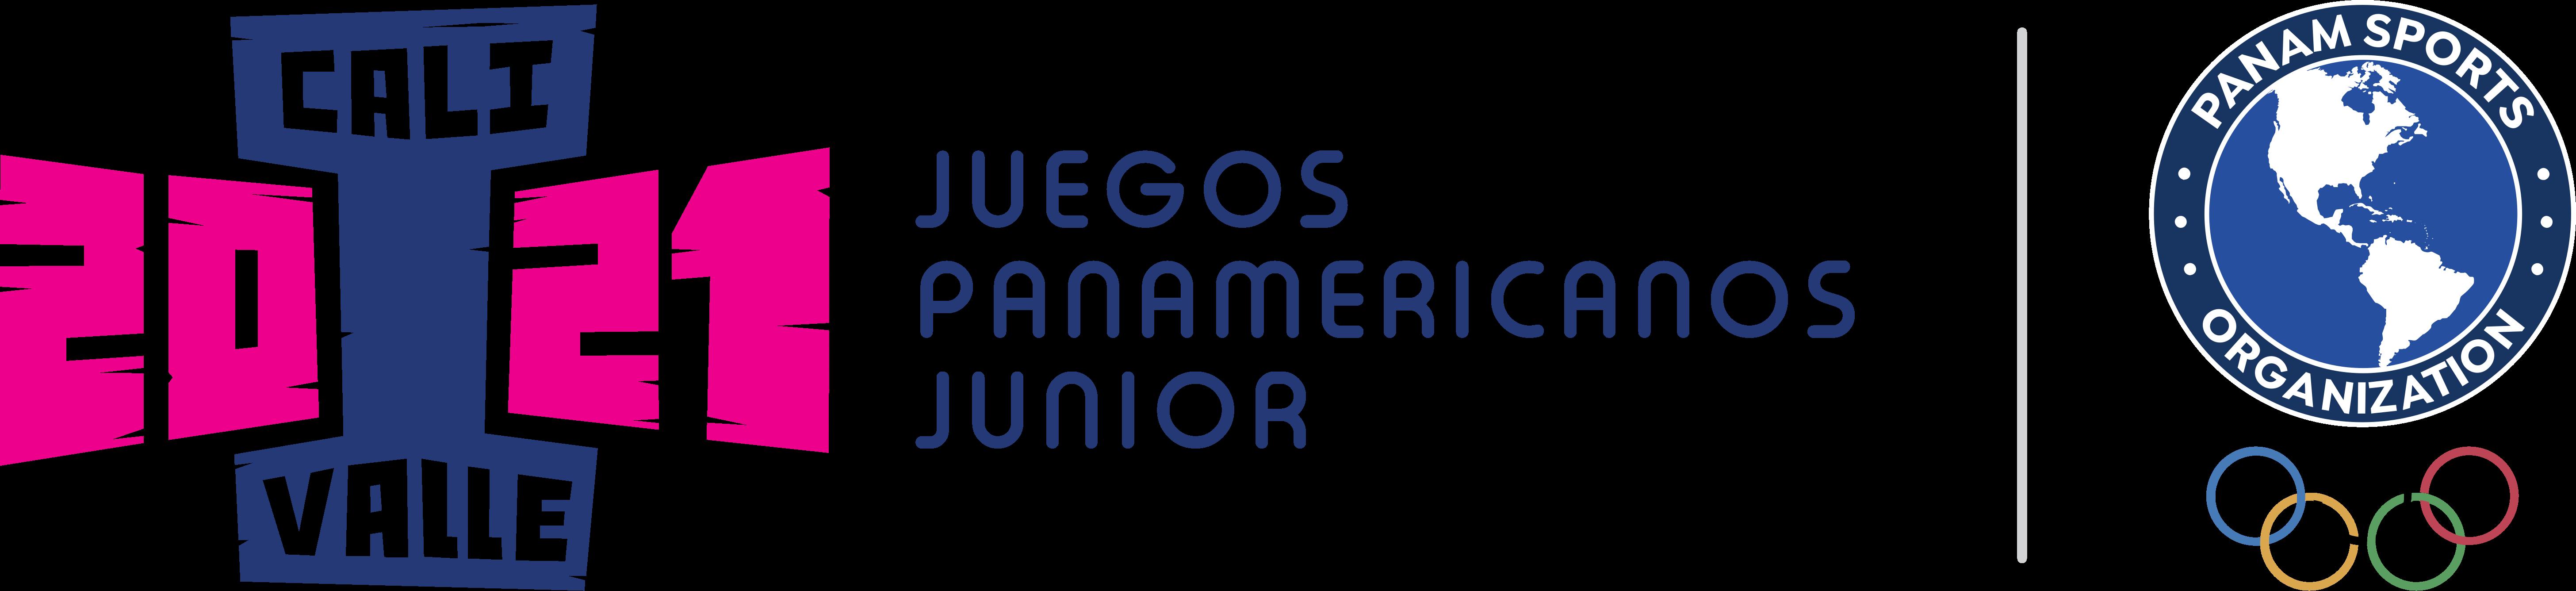 Juegos Panamericanos Junior Cali 2021